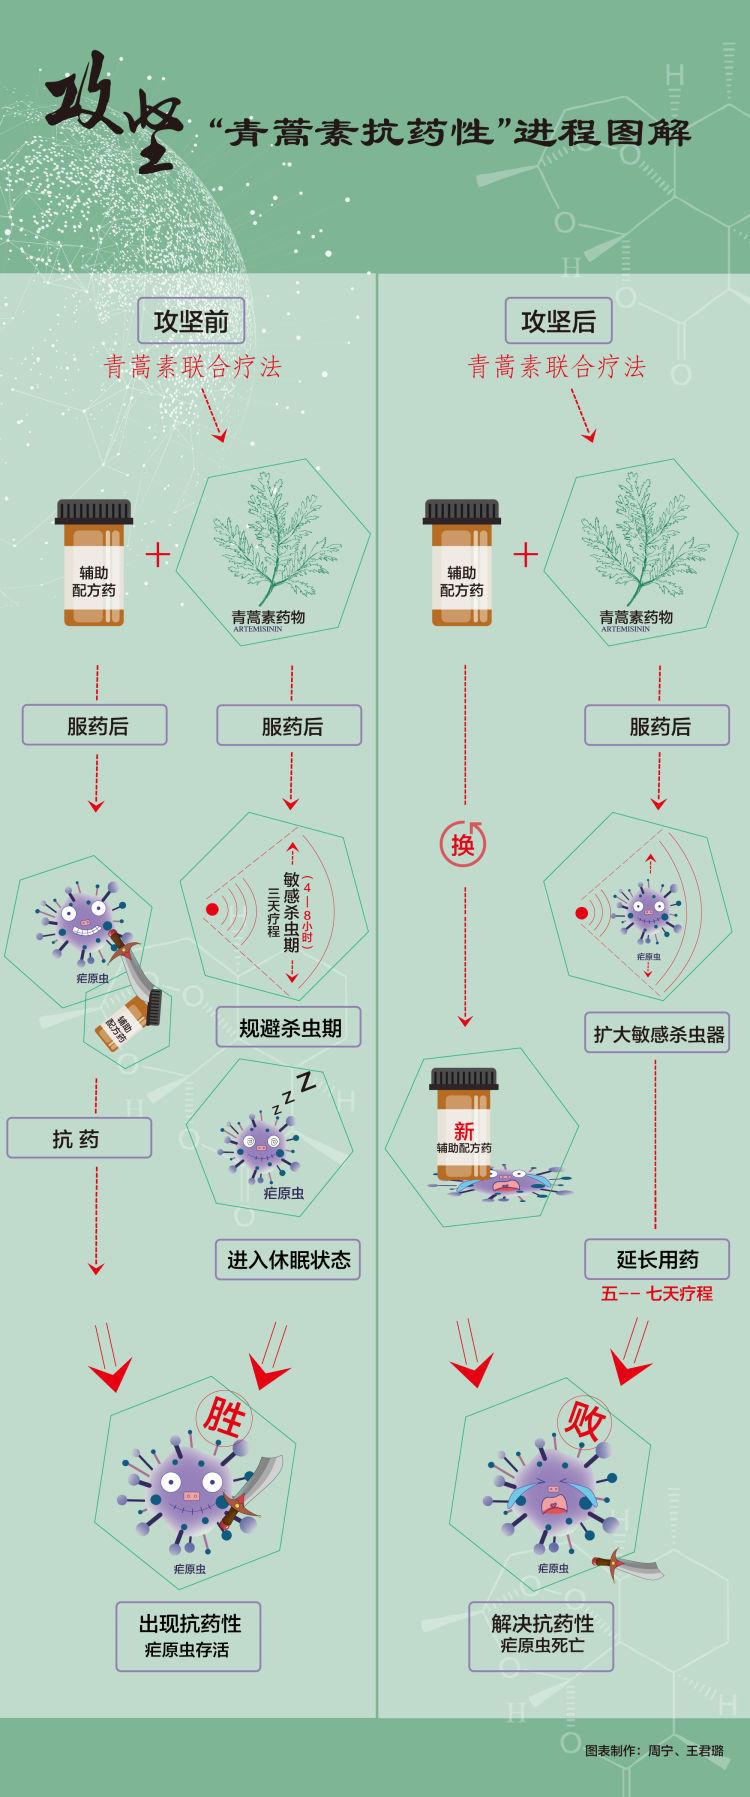 """屠呦呦团队青蒿素新突破 深入研究抗疟机理攻坚""""青蒿素抗药性""""难"""